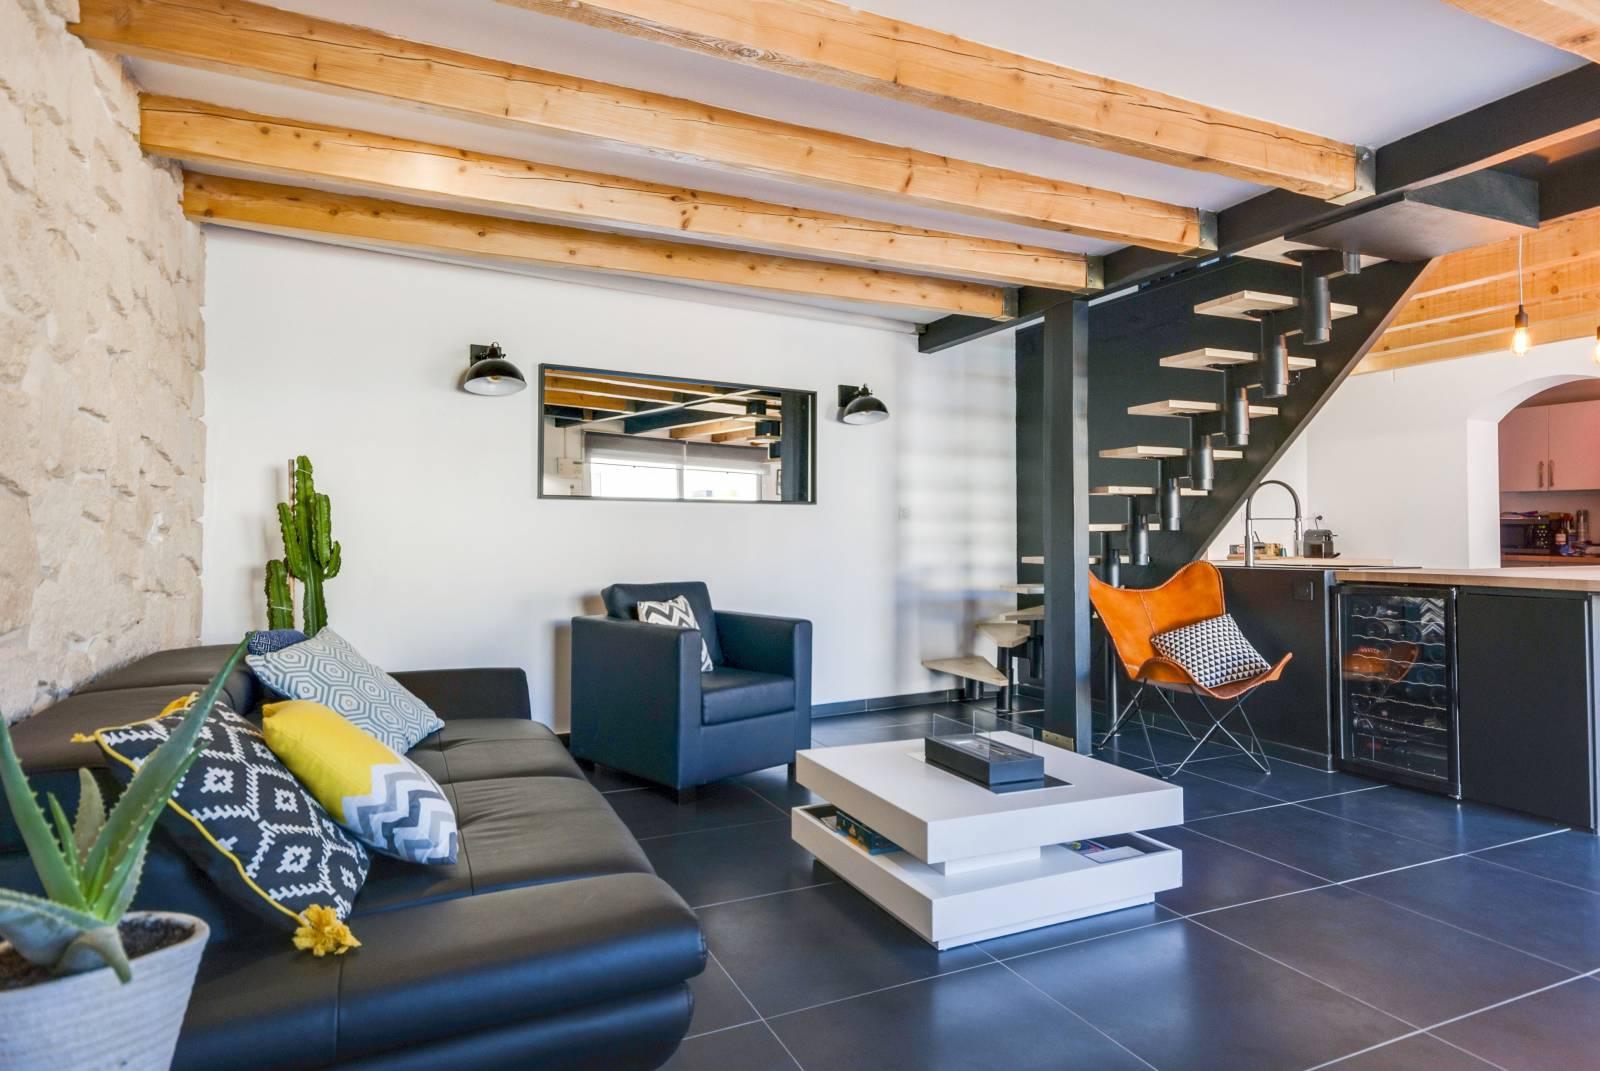 xavier lemoine professionnel de l 39 agencement d 39 int rieur. Black Bedroom Furniture Sets. Home Design Ideas